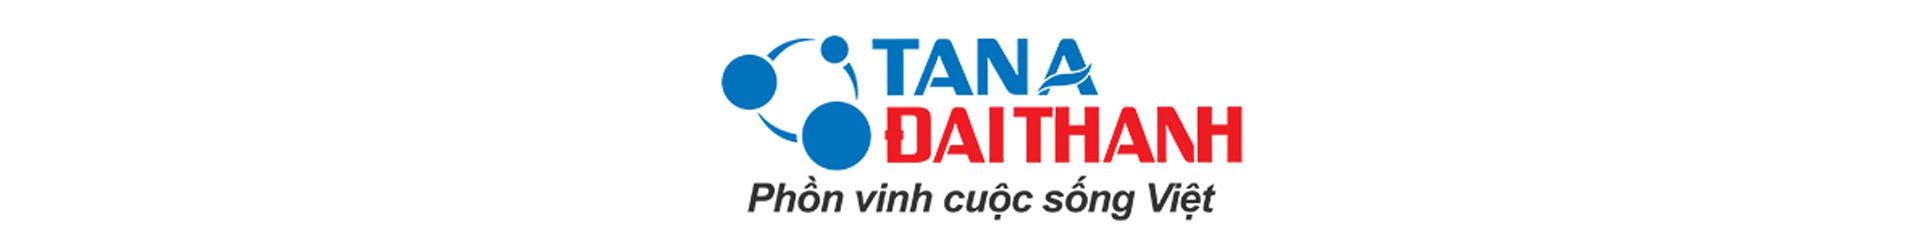 build-shop-banner-dai-dien-thuong-hieu-tan-a-dai-thanh